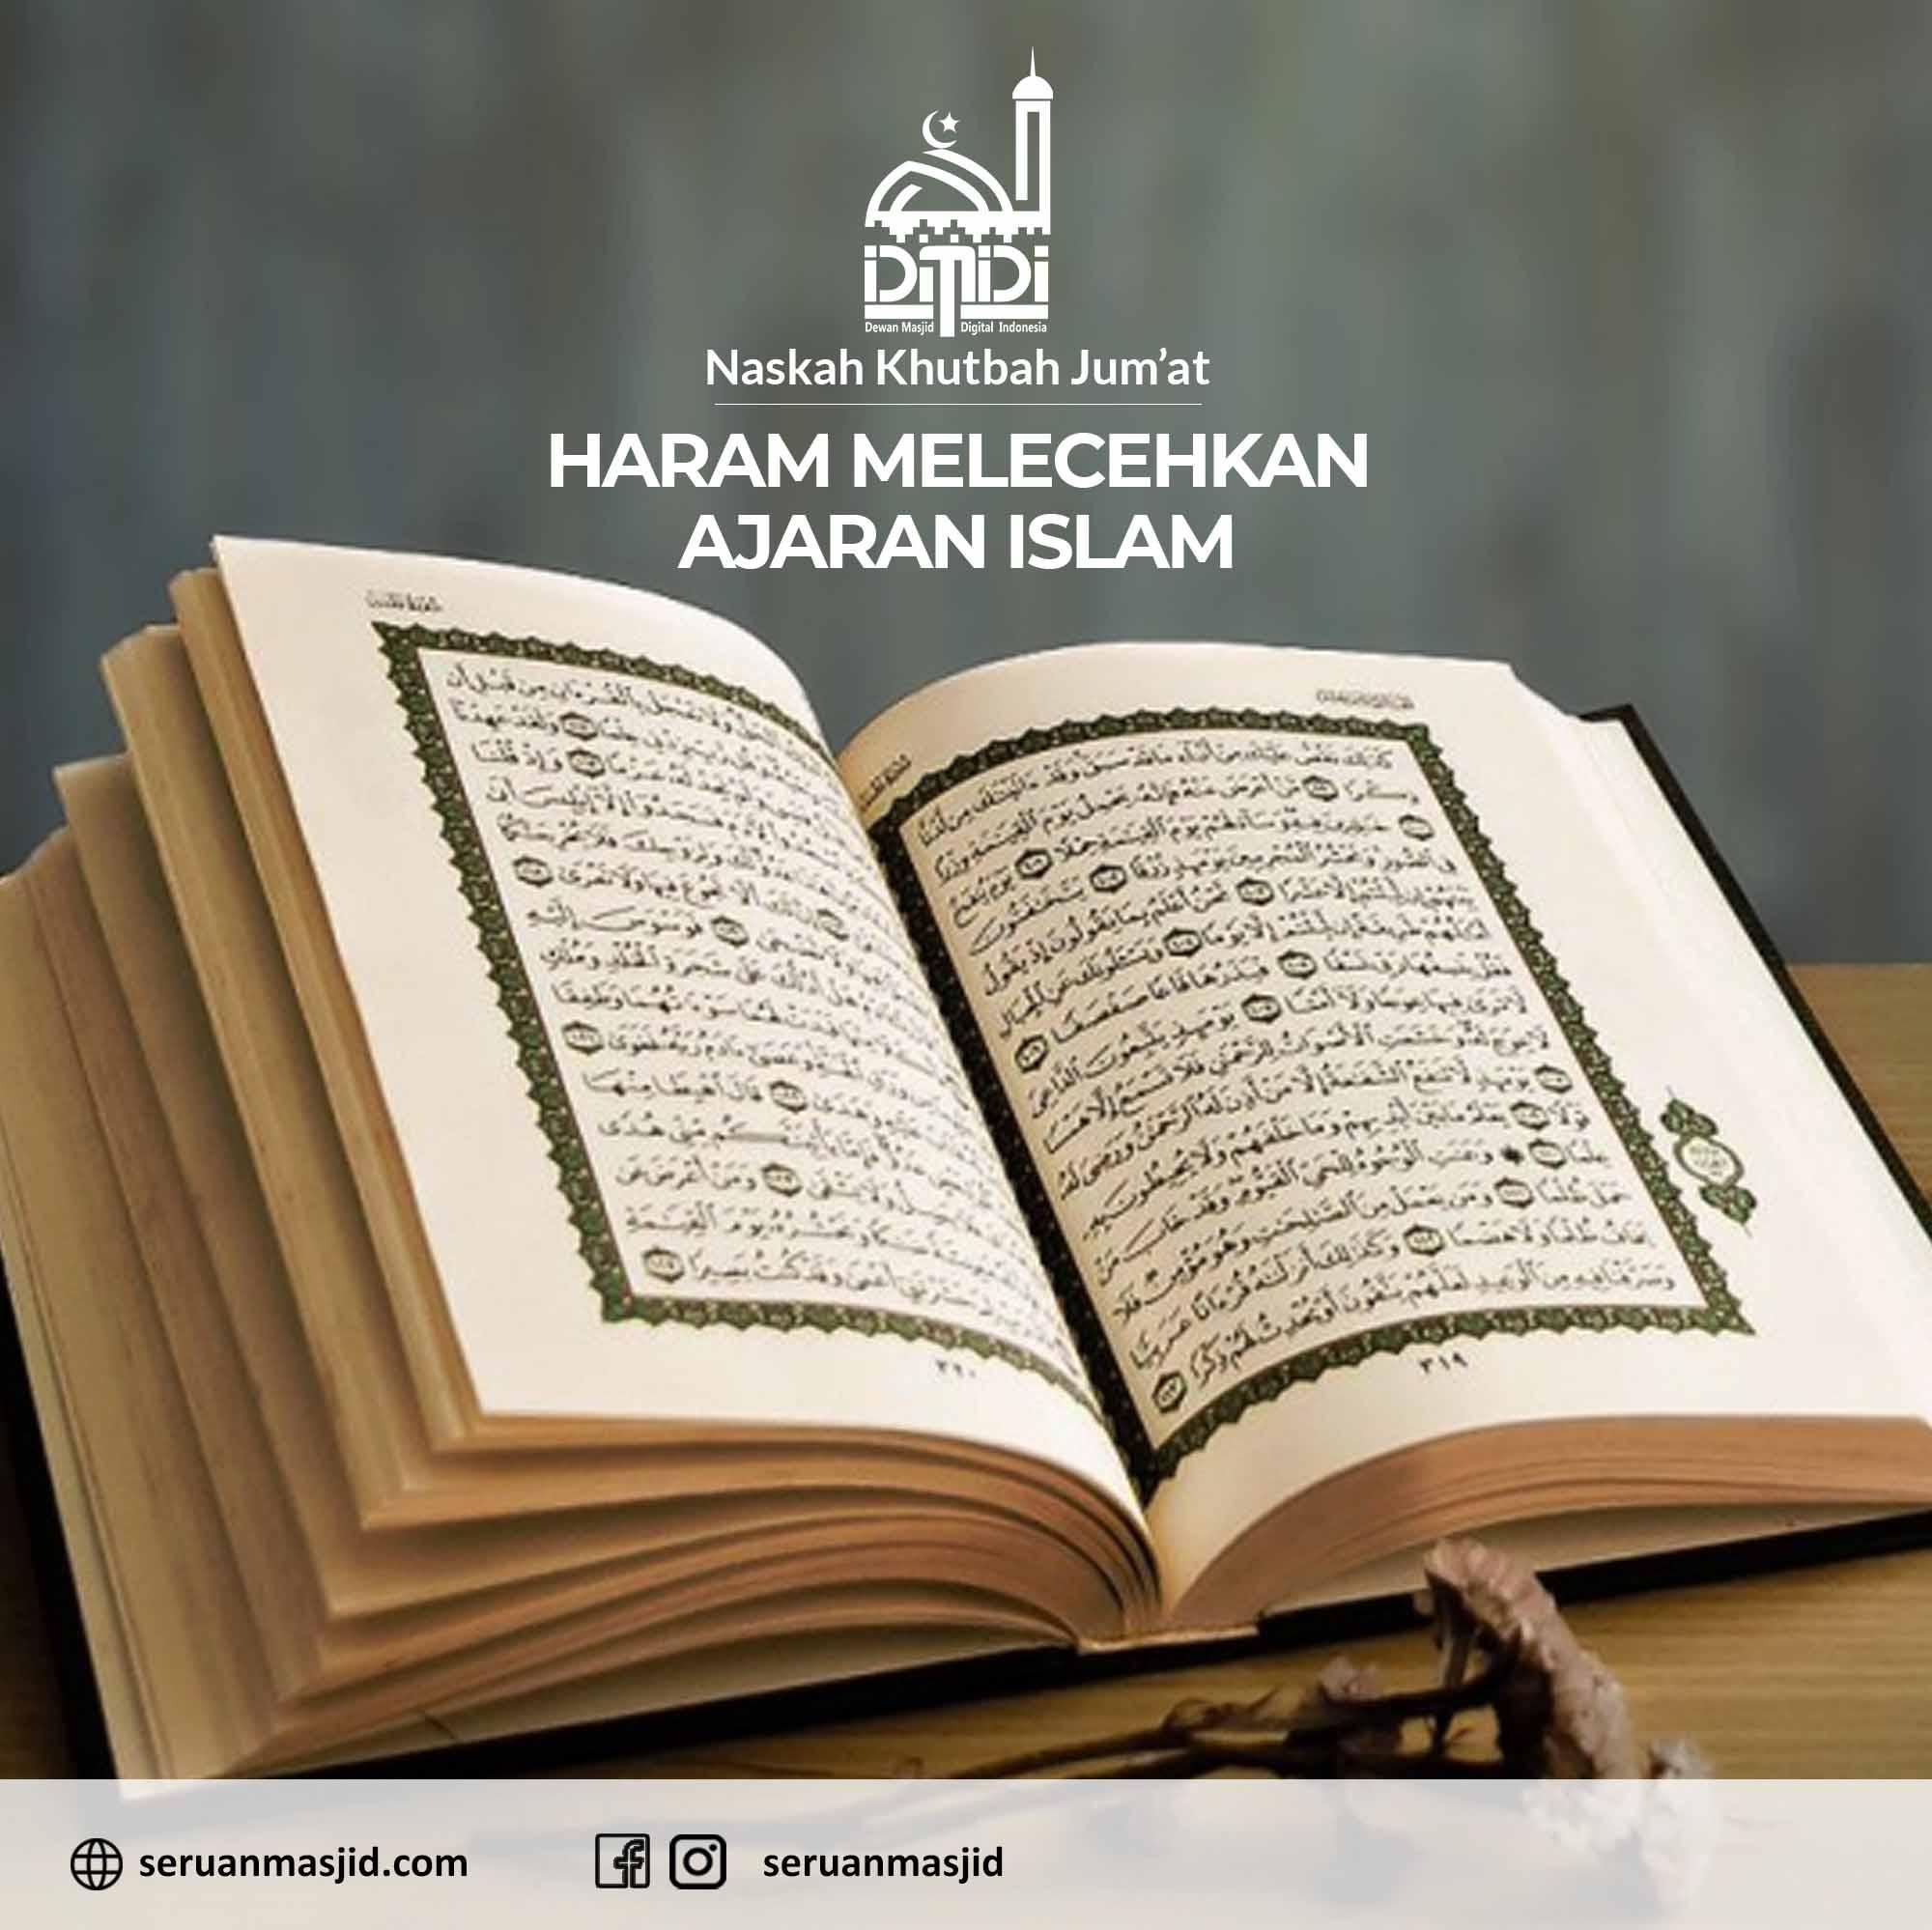 Naskah-Khutbah-Jumat-Haram-Melecehkan-Ajaran-Islam-Dewan-Masjid-Digital-Indonesia-Seruan-Masjid